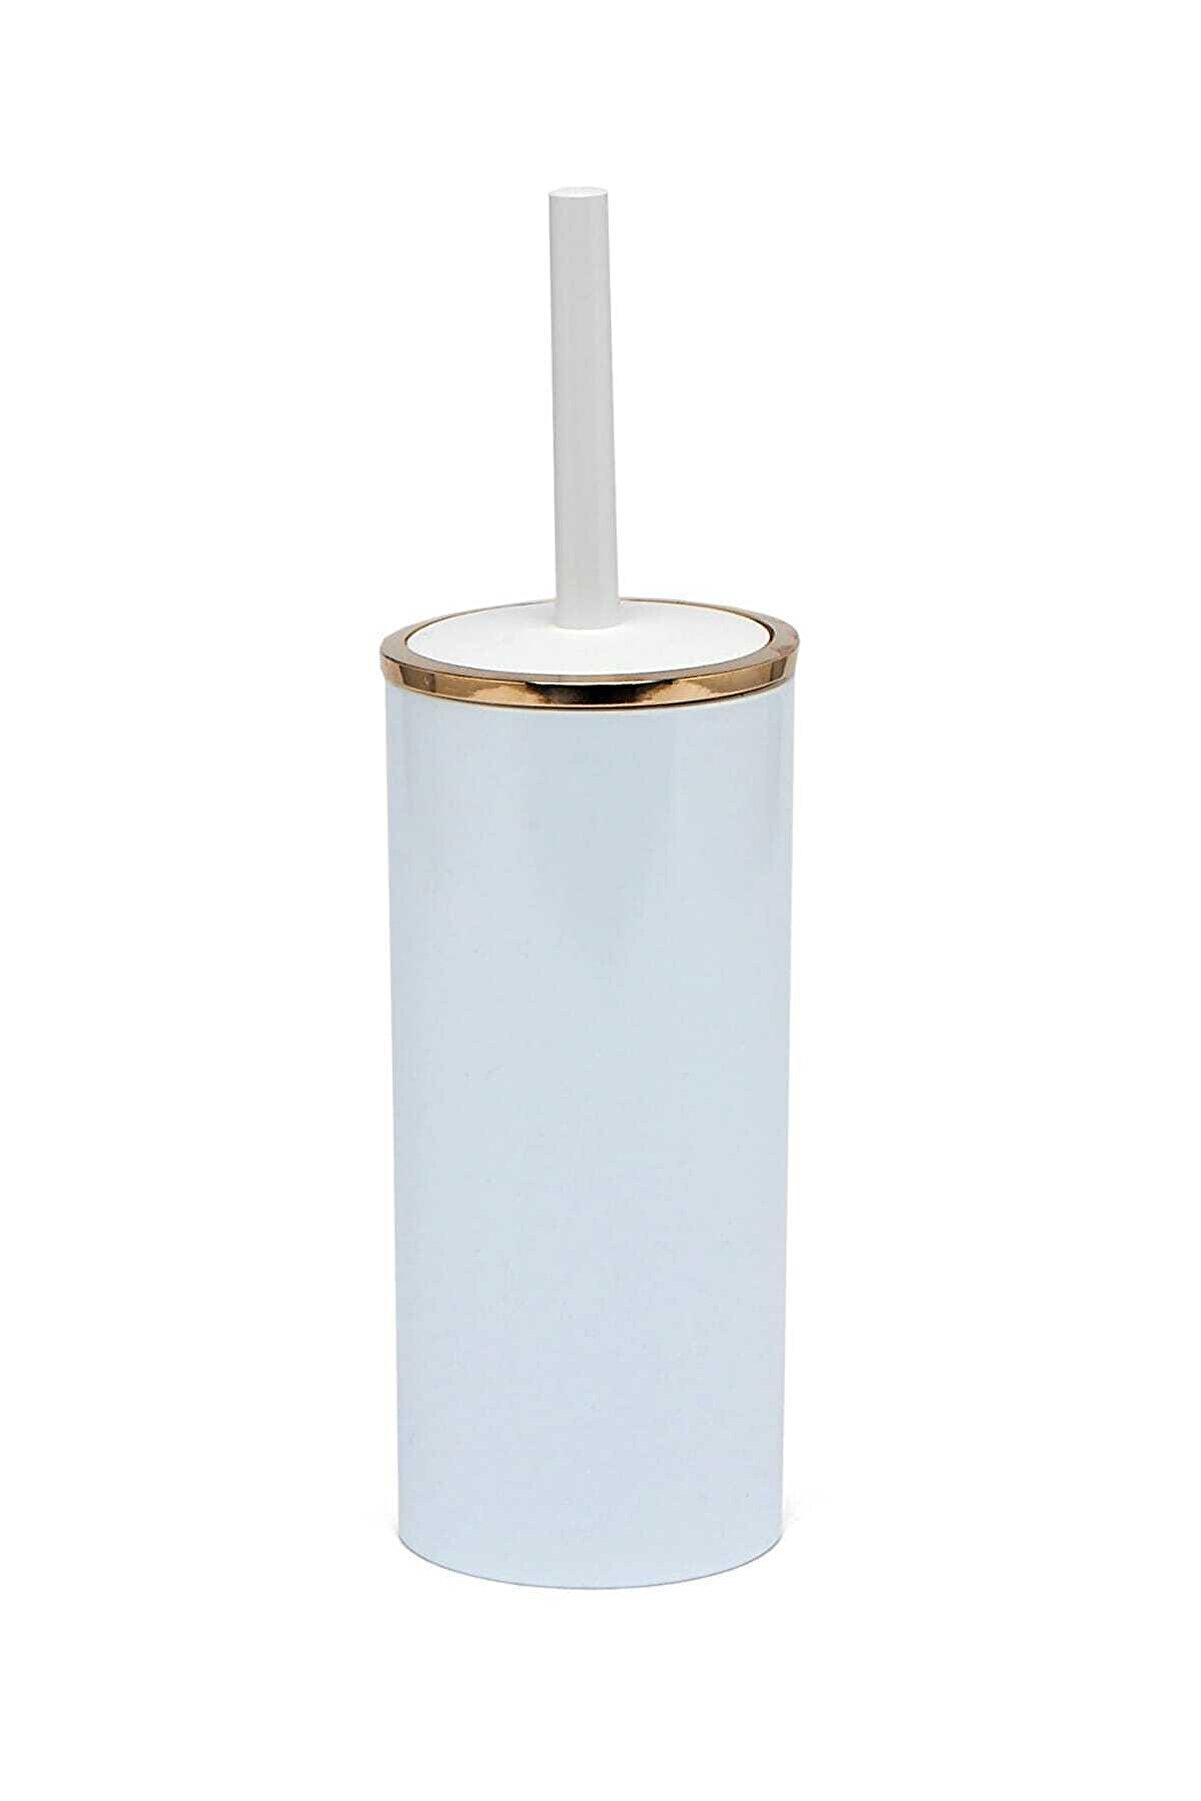 Prima Nova Beyaz Altın Renk Lenox Tuvalet Fırçası